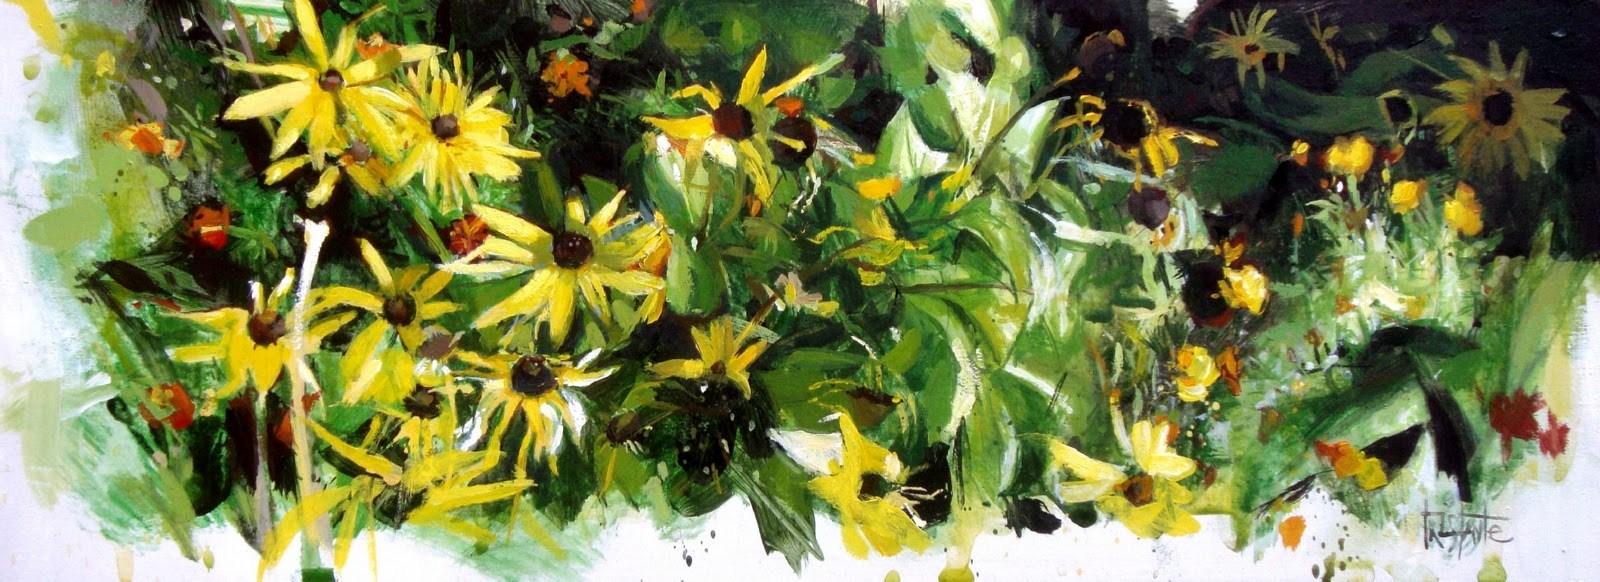 """""""Landscape of daisies"""" original fine art by Víctor Tristante"""